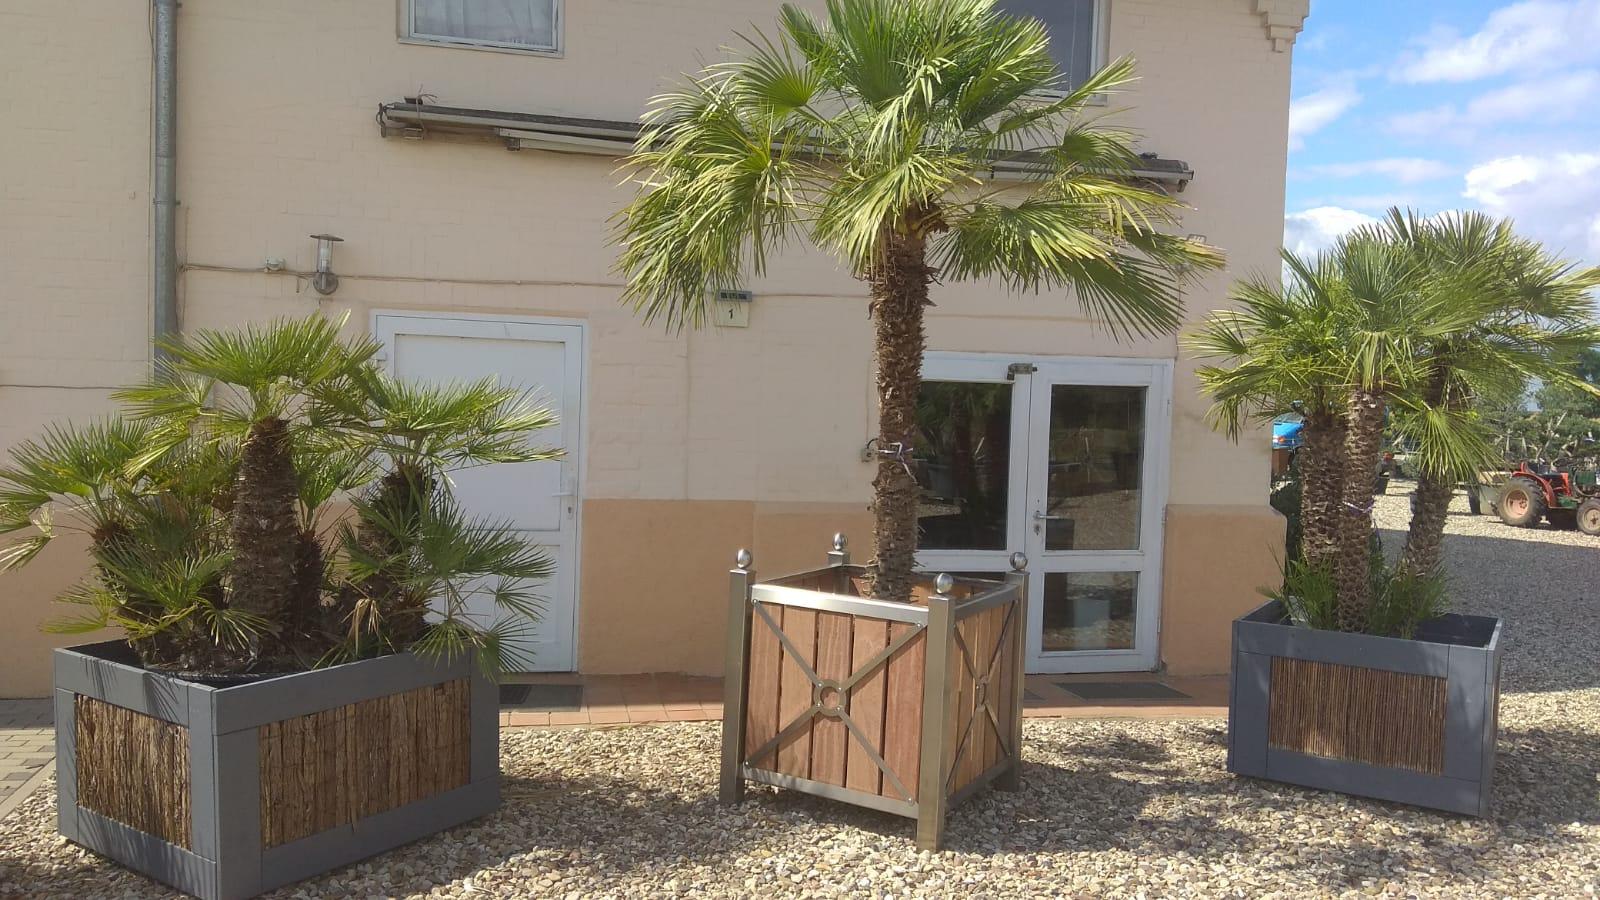 Beheizte Pflanzkübel mit großen Palmen